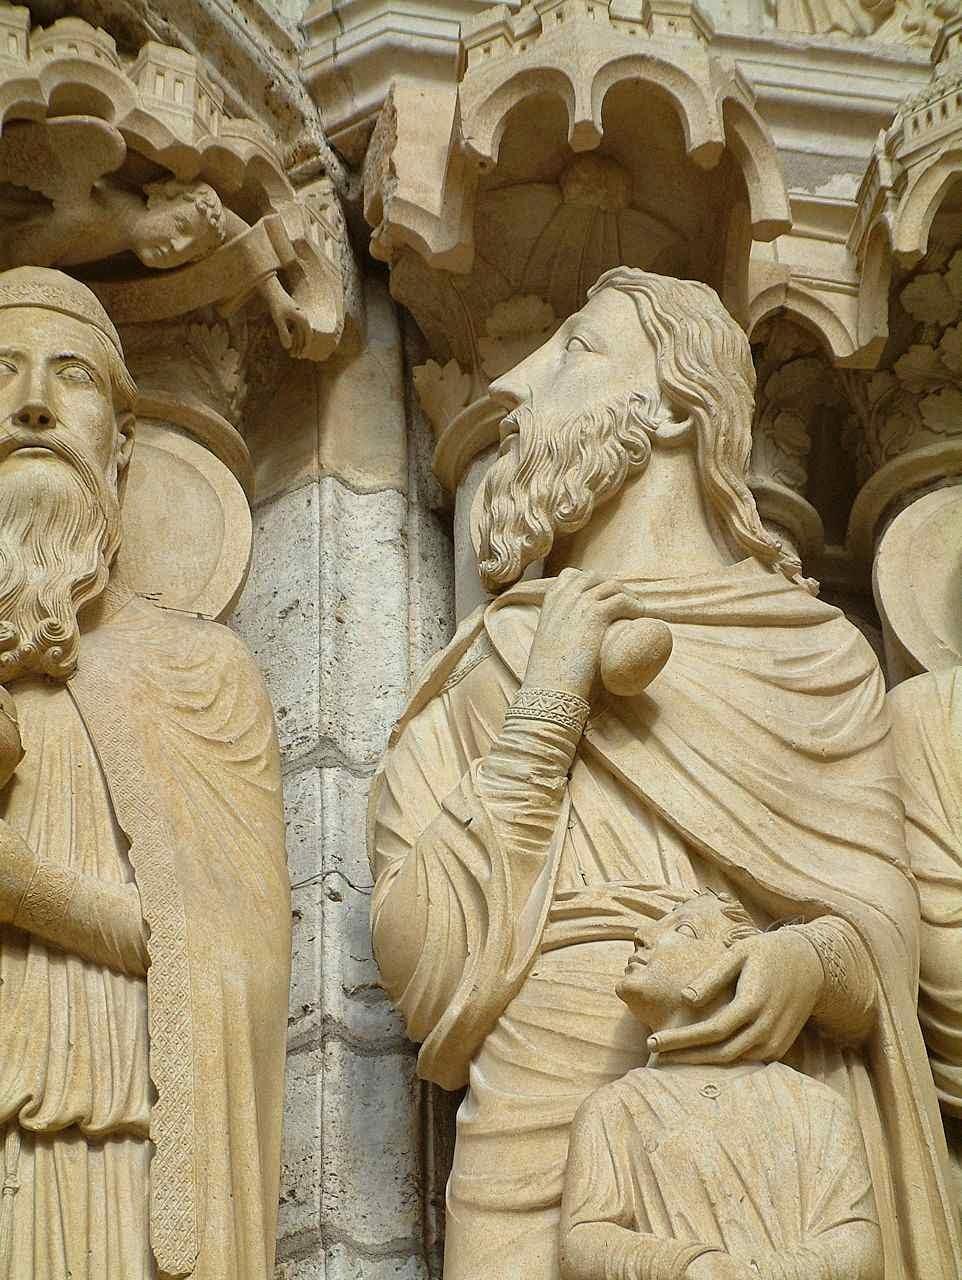 O anjo (no alto à esquerda) segura o braço de Abraão que vai sacrificar seu filho Isaac, prefigura do sacrifício do Calvário. Catedral de Chartres